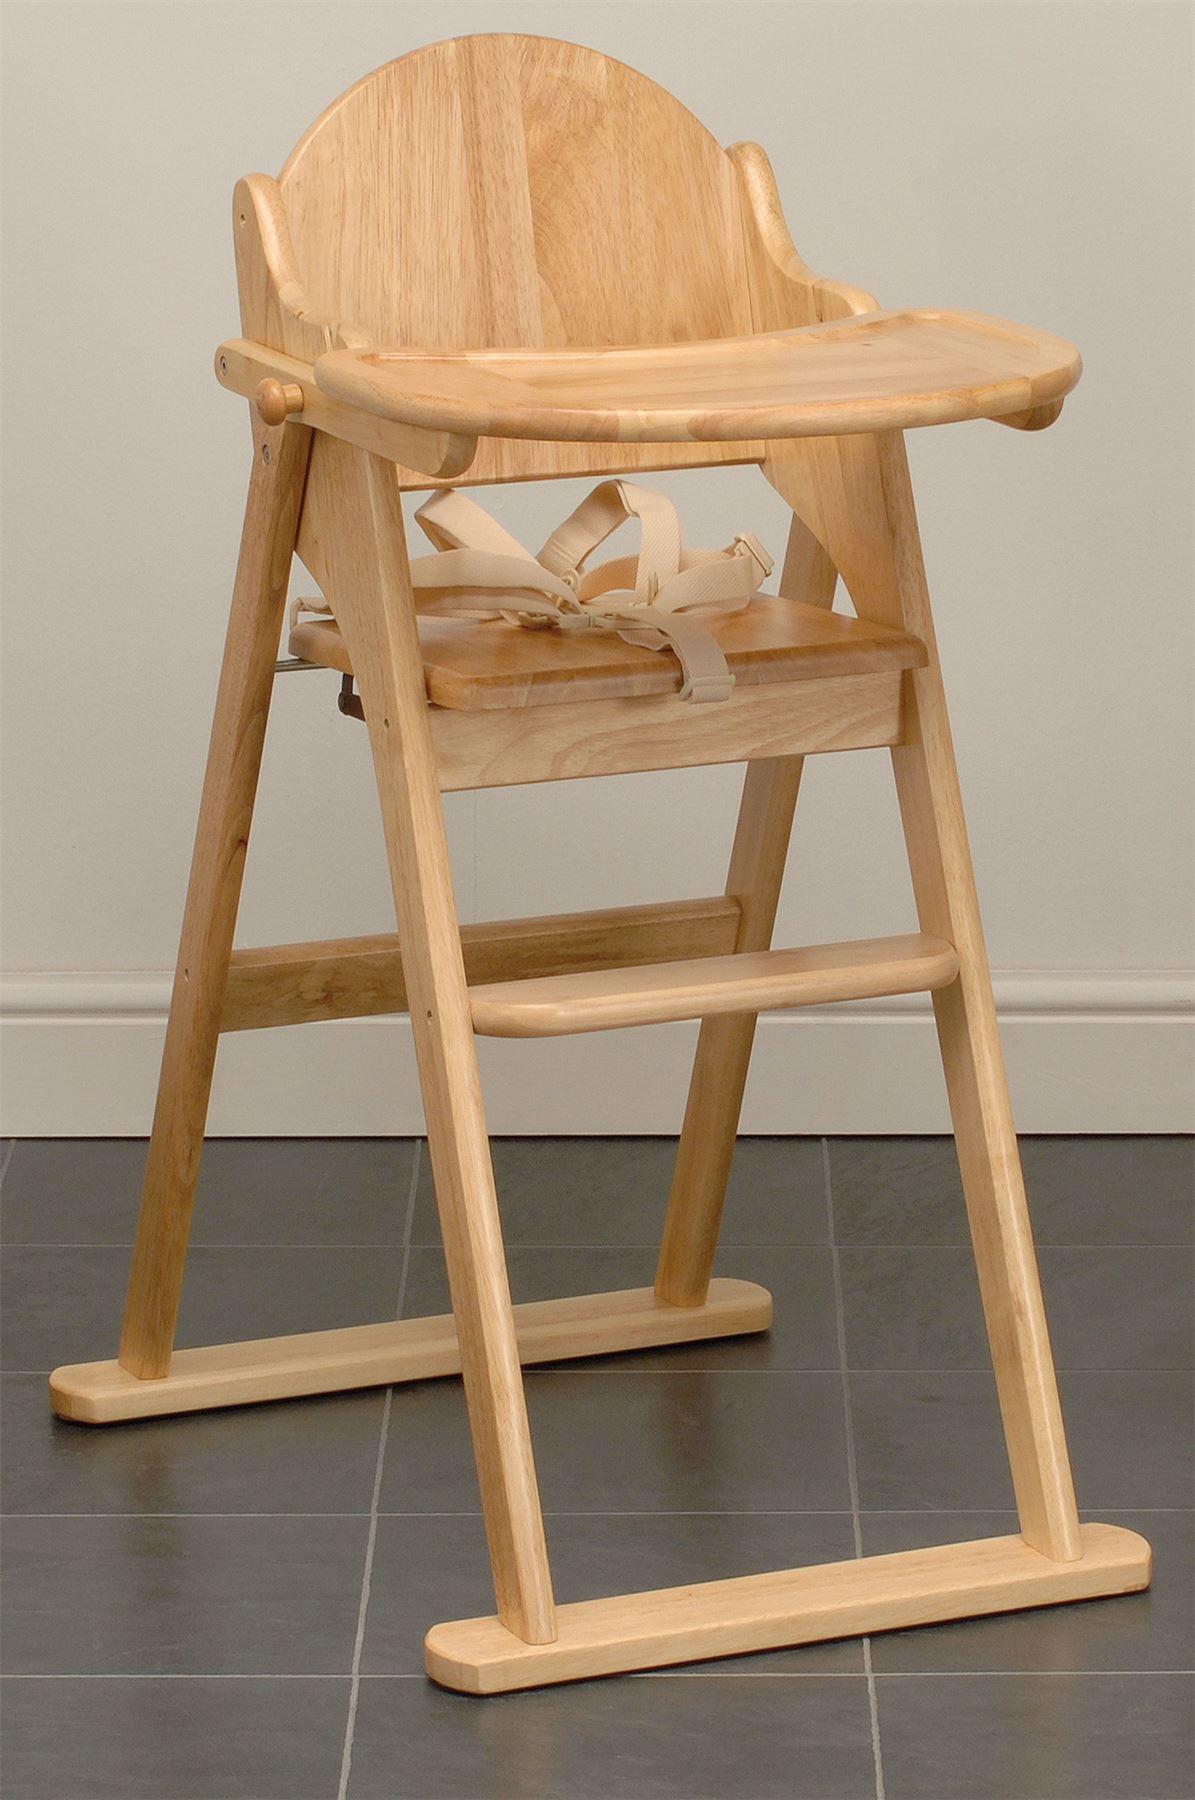 east coast faltbarer hochstuhl platzsparend kinderstuhl holz neu ebay. Black Bedroom Furniture Sets. Home Design Ideas